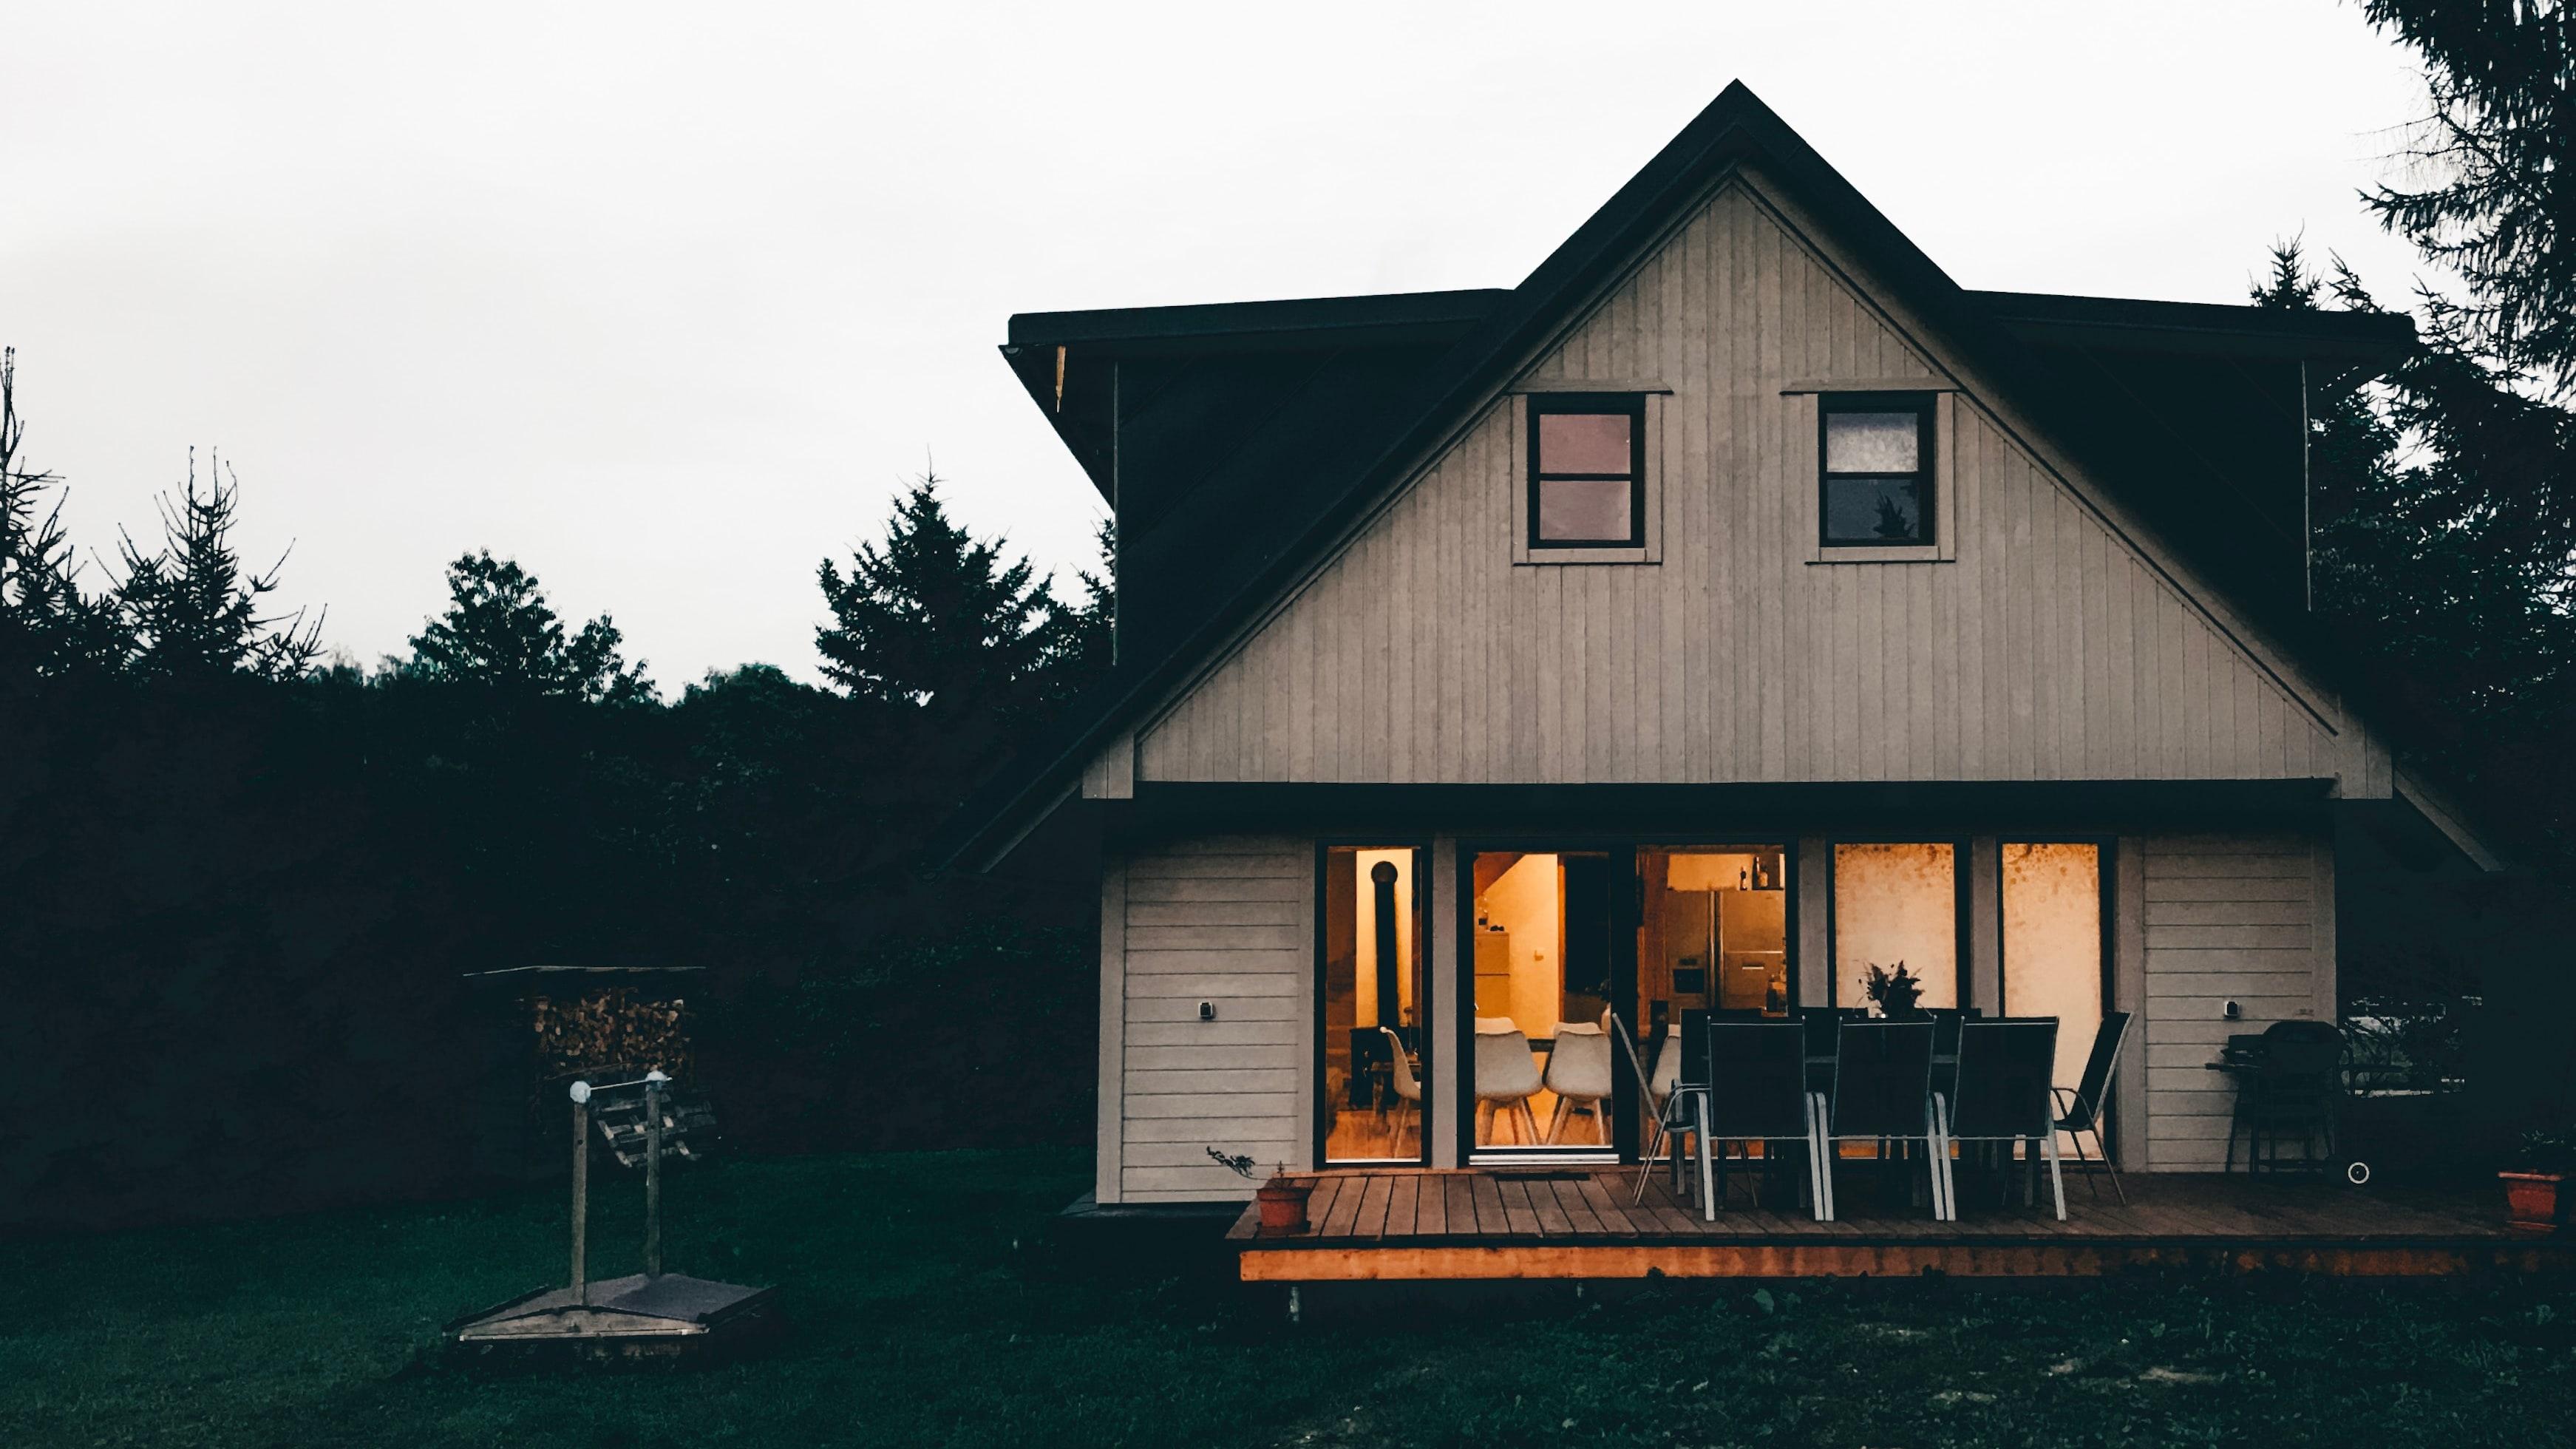 Construction de maison: choisir un constructeur de confiance